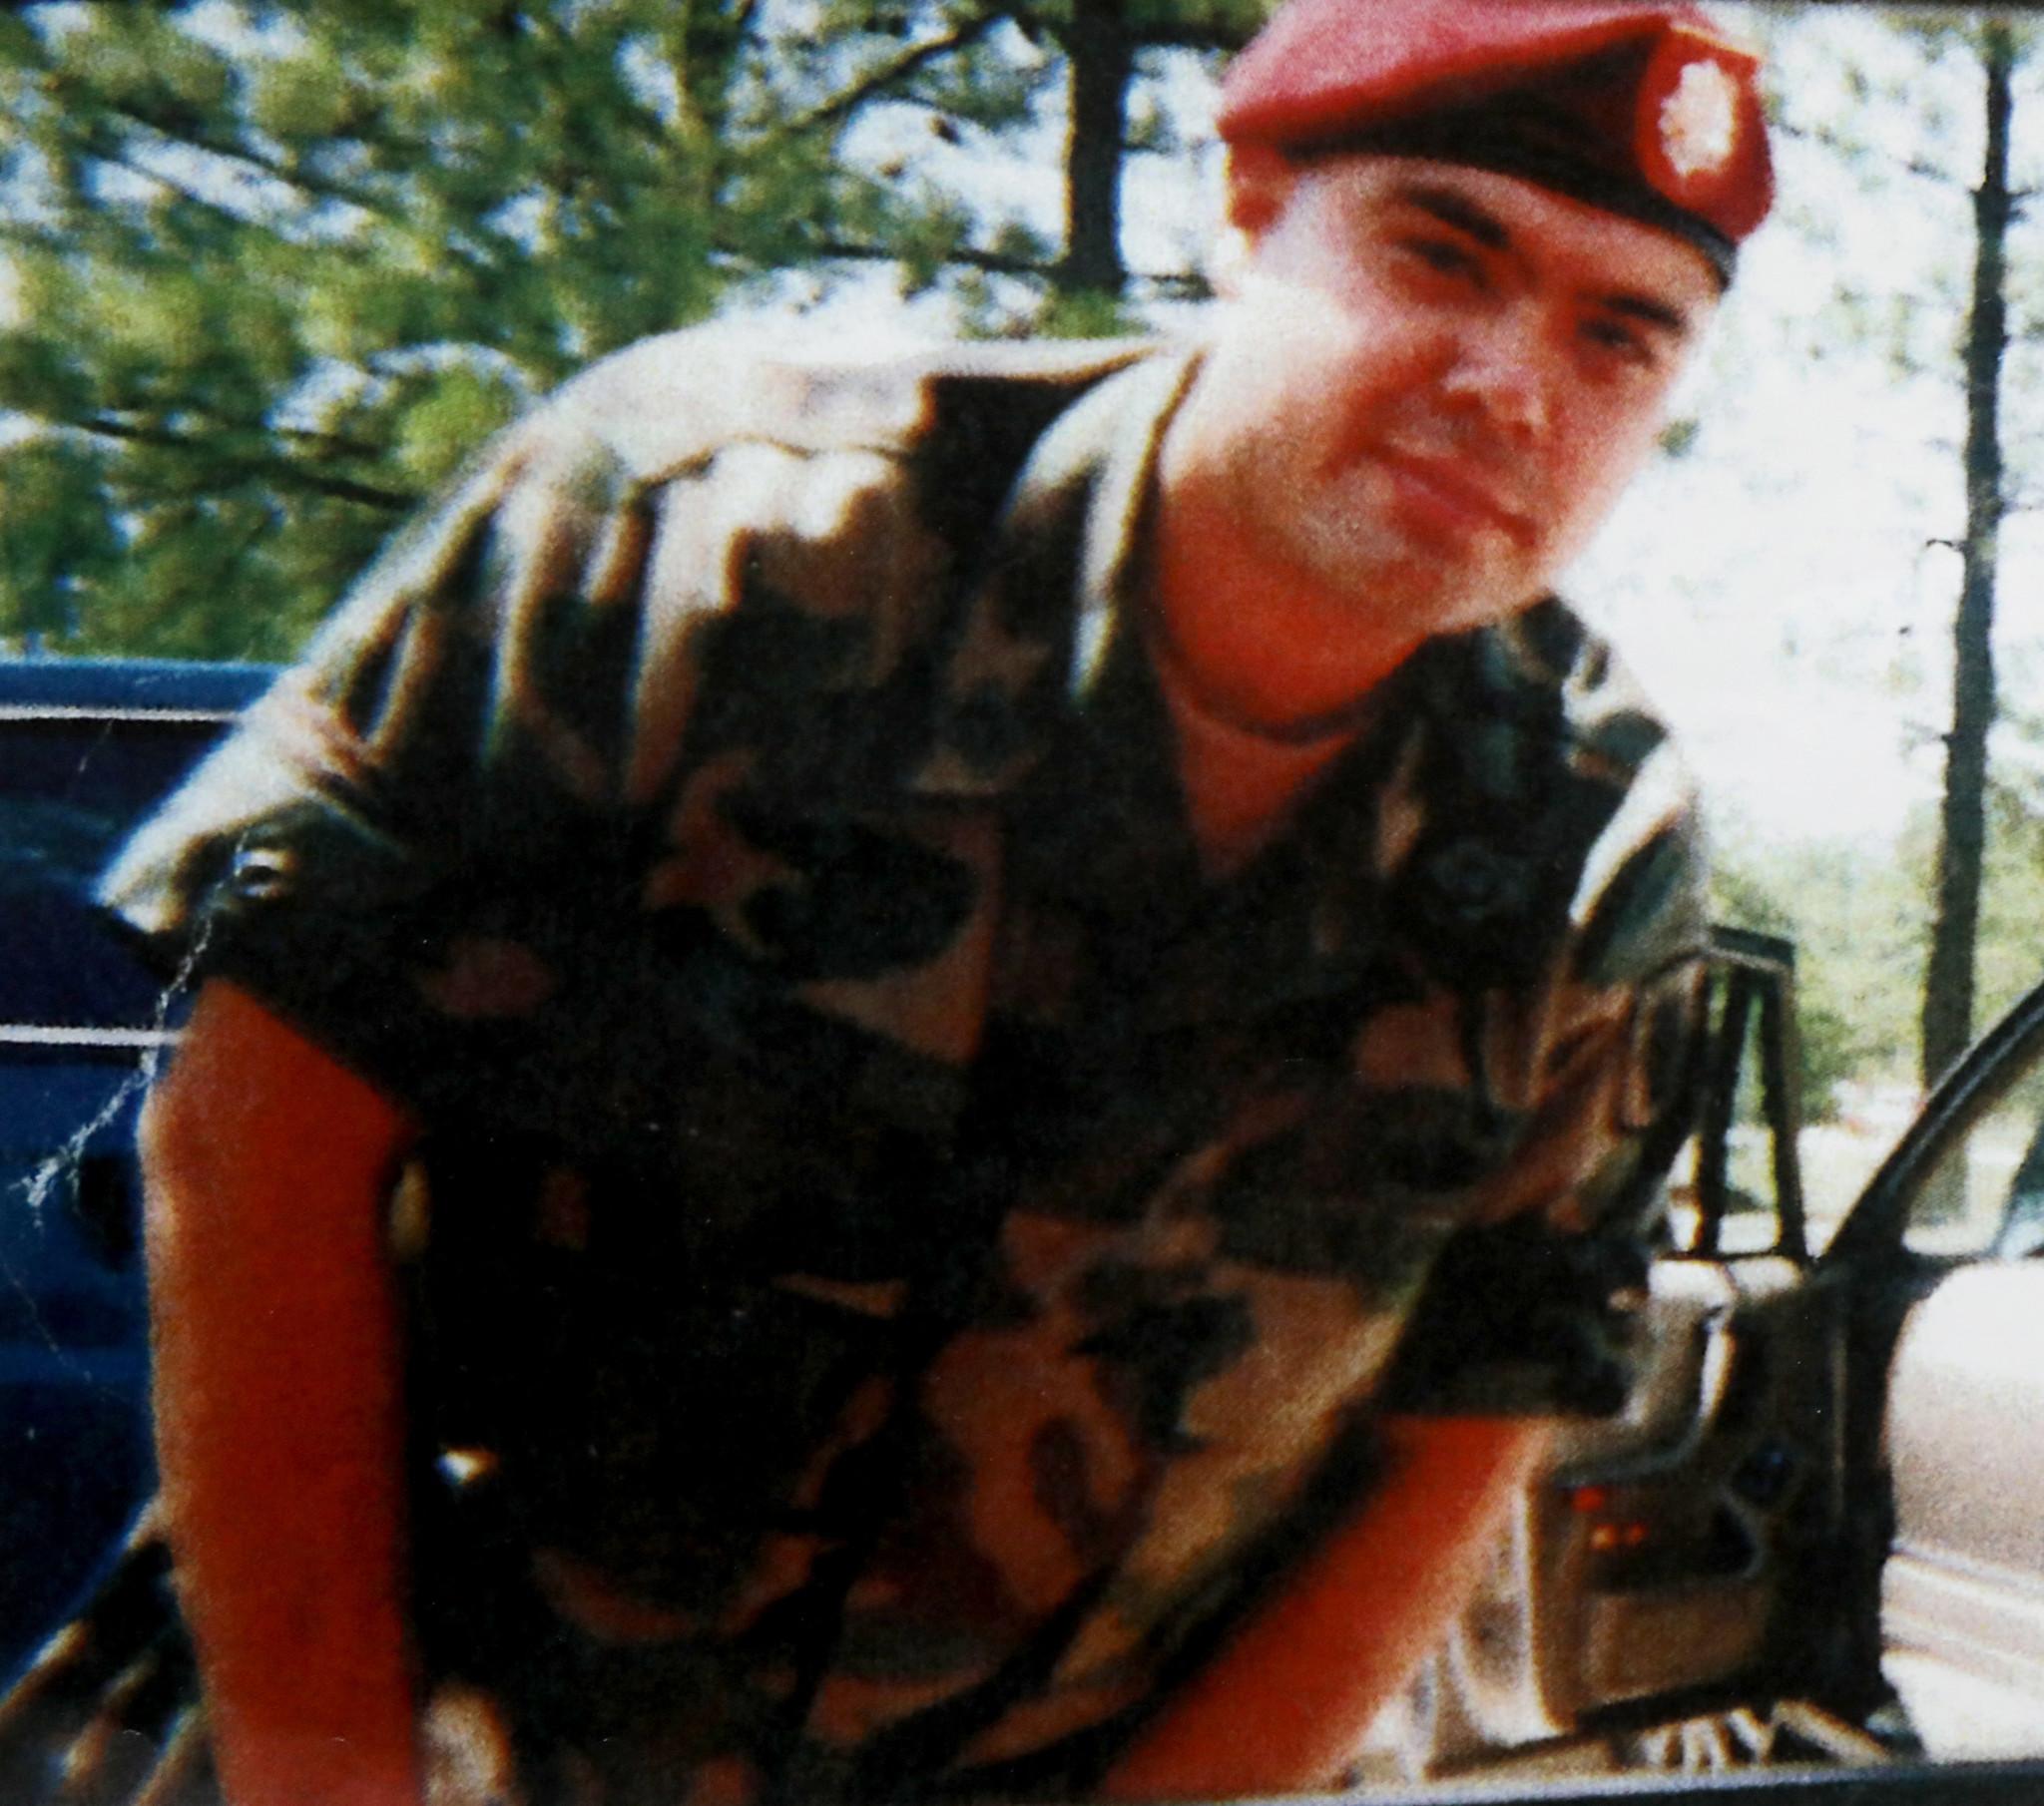 Chicago veteran fights deportation after serving time for drug ...